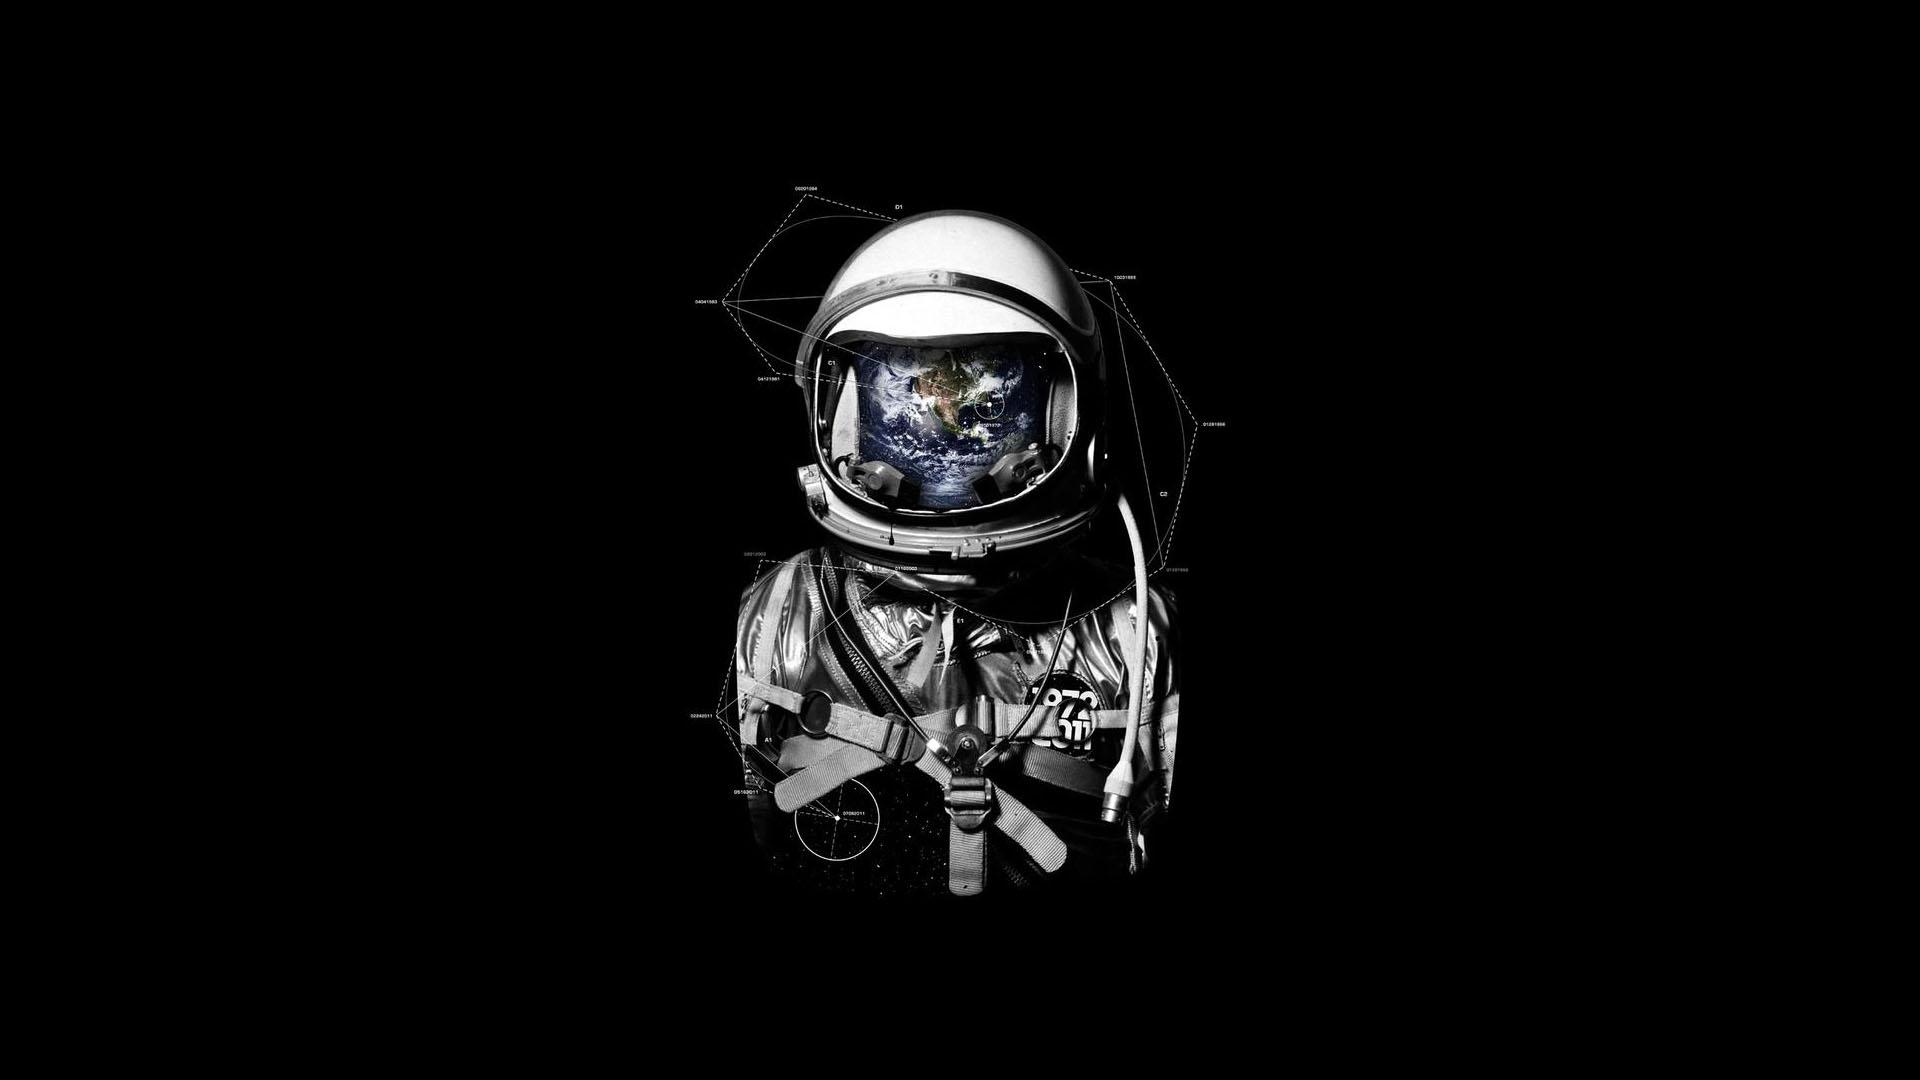 Interstellar Movie Black Space Artwork 1920x1080 wallpaper 1920x1080